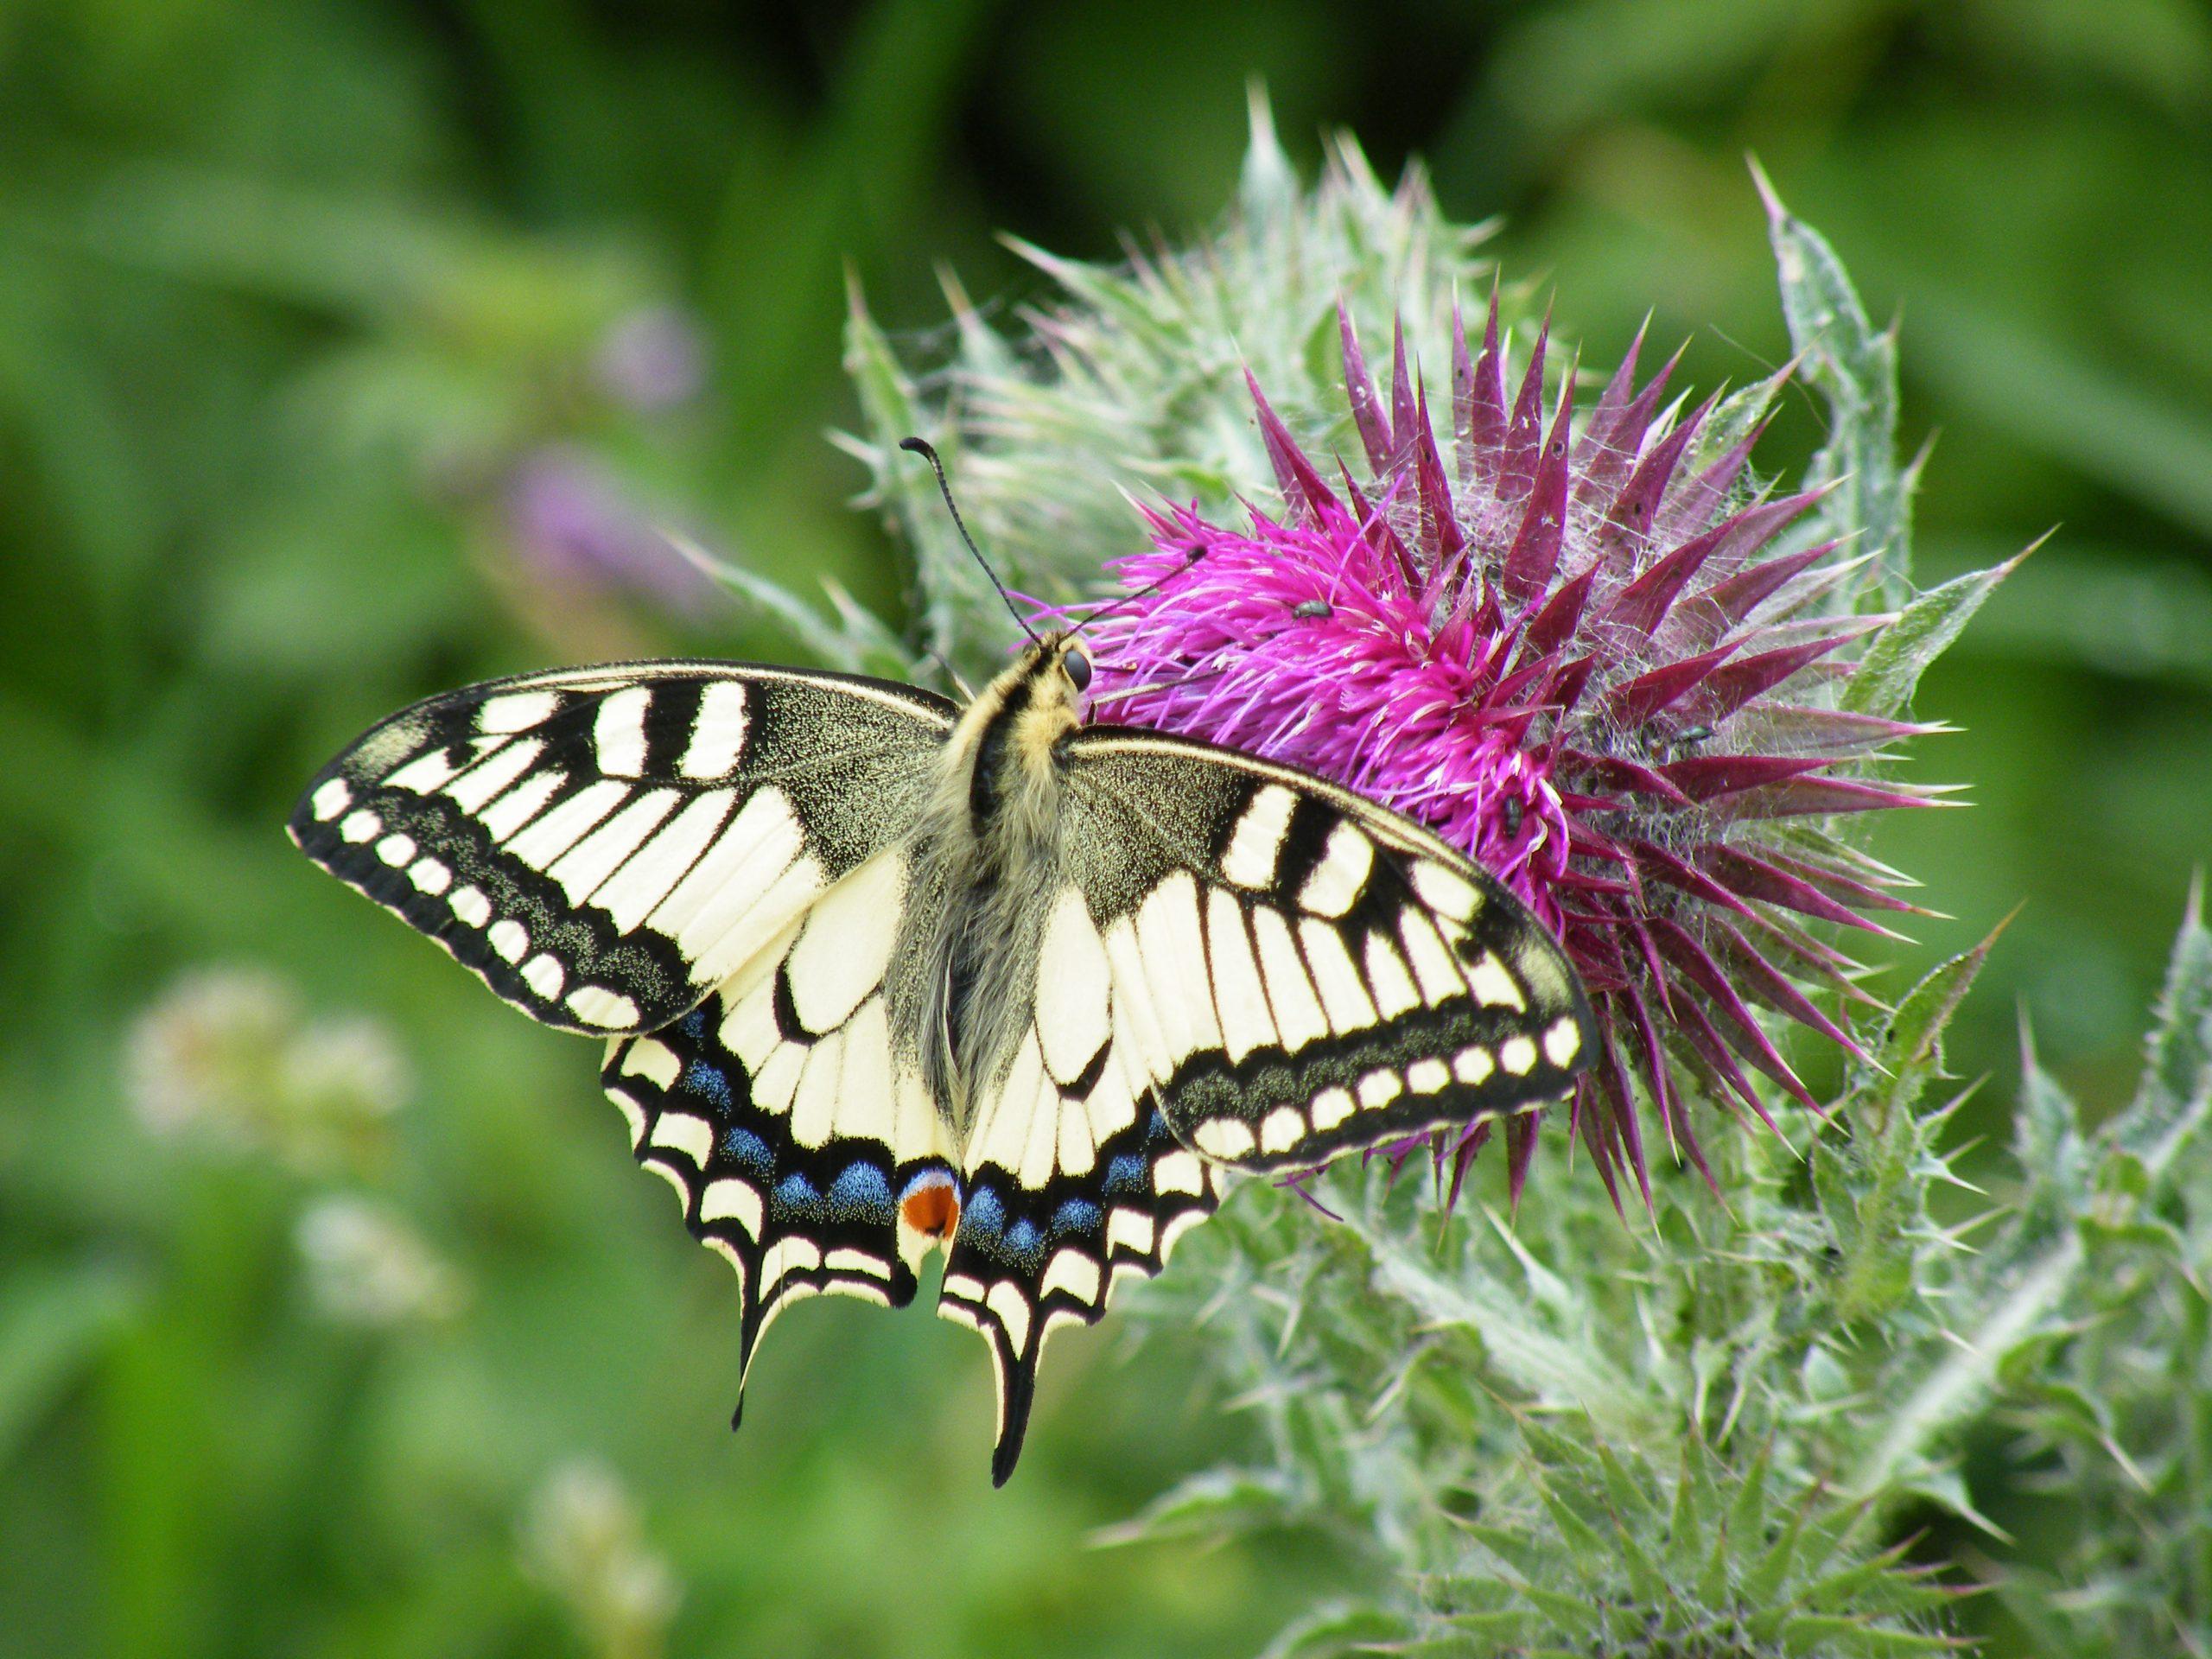 Insekten retten – Artenschwund stoppen – Volksinitiative Artenvielfalt NRW.